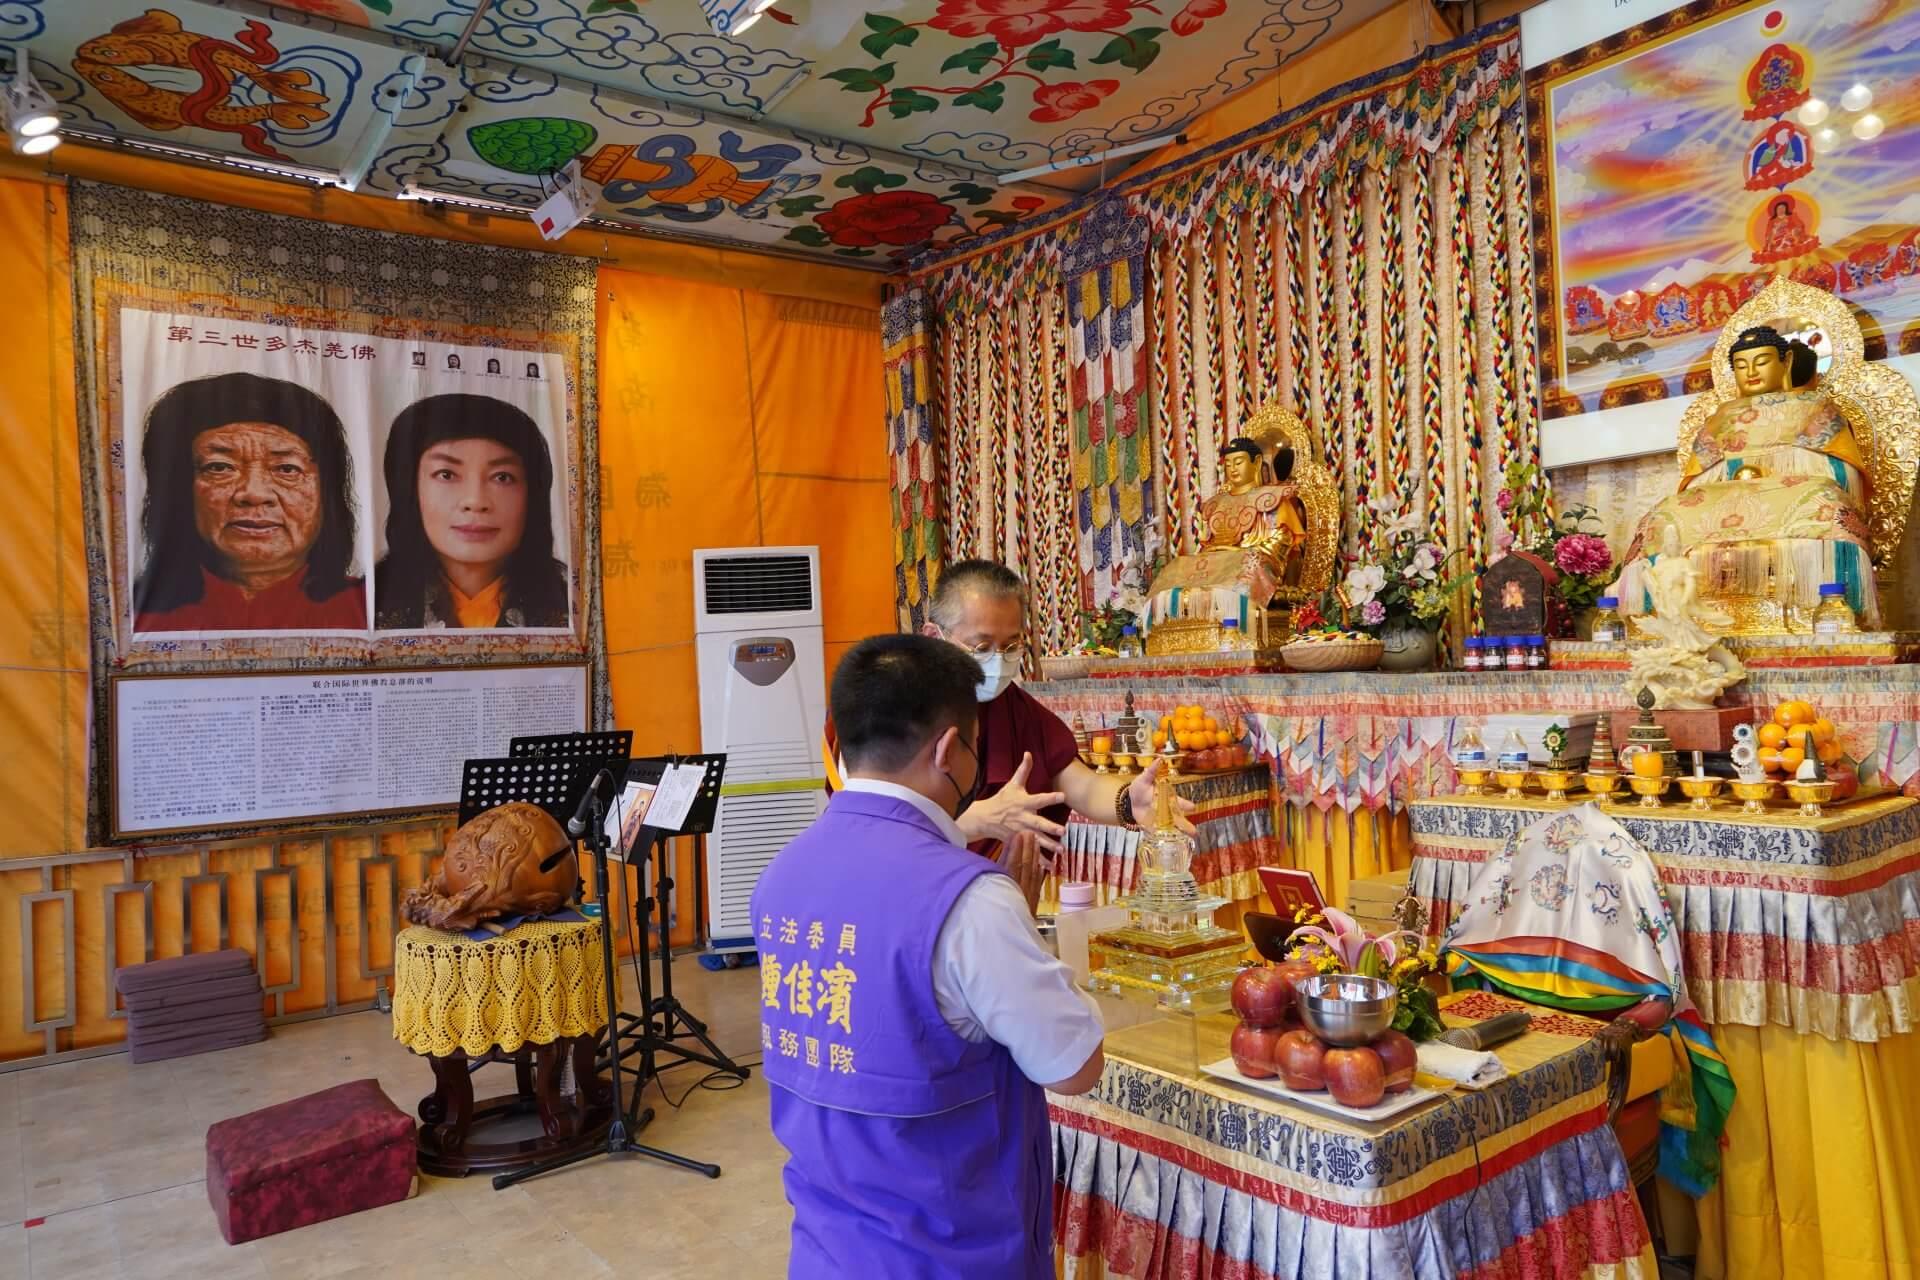 行動佛殿125站屏東里港,師兄帶領貴賓至佛殿瞻禮佛陀舍利